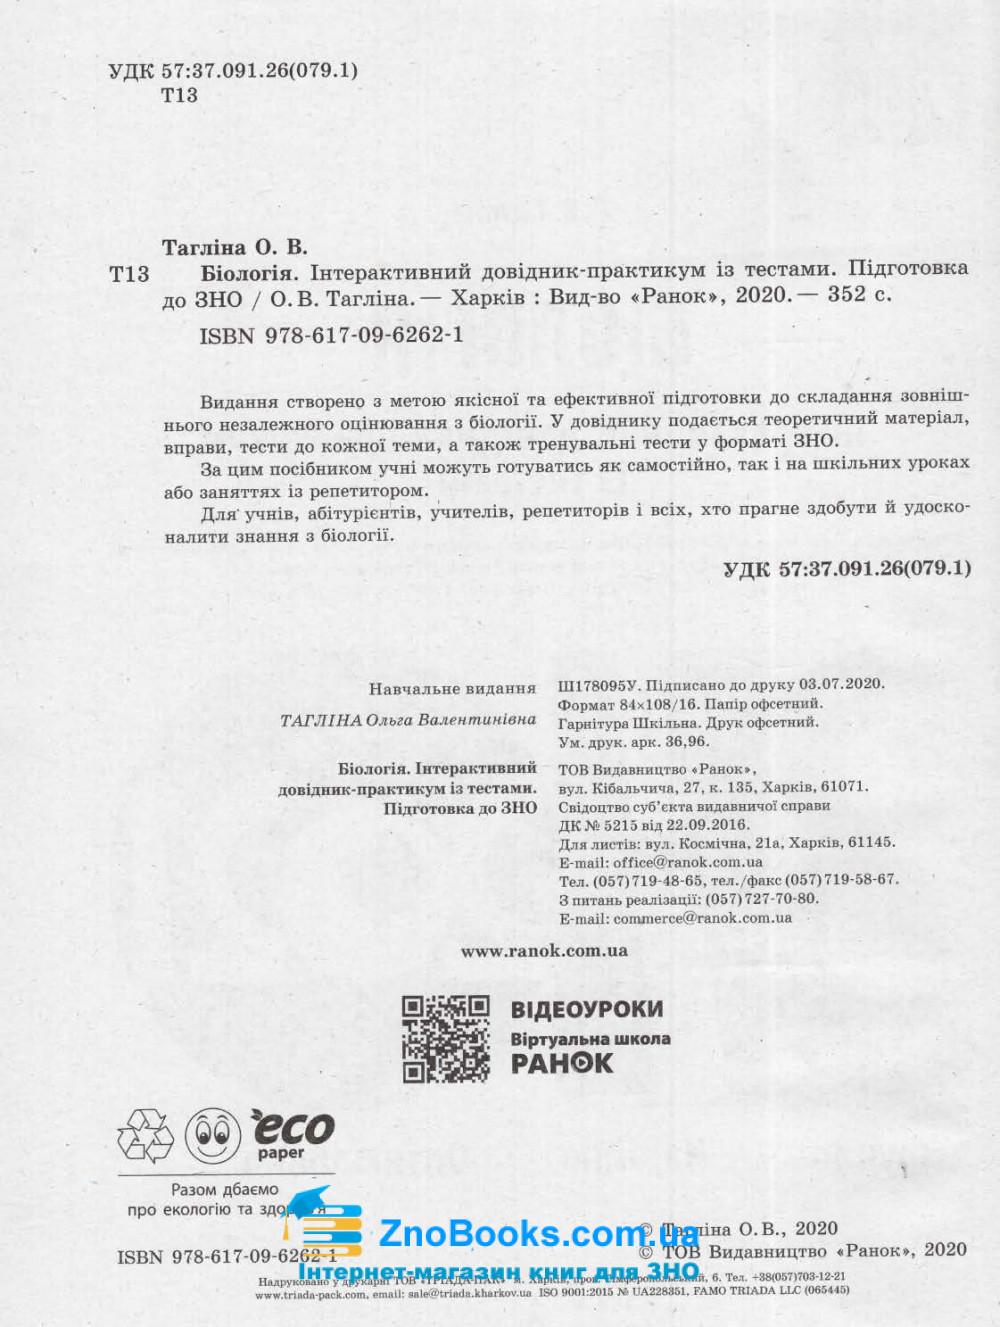 Інтерактивний довідник-практикум із тестами з біології до ЗНО 2022 : Тагліна О.  Ранок. купити 2